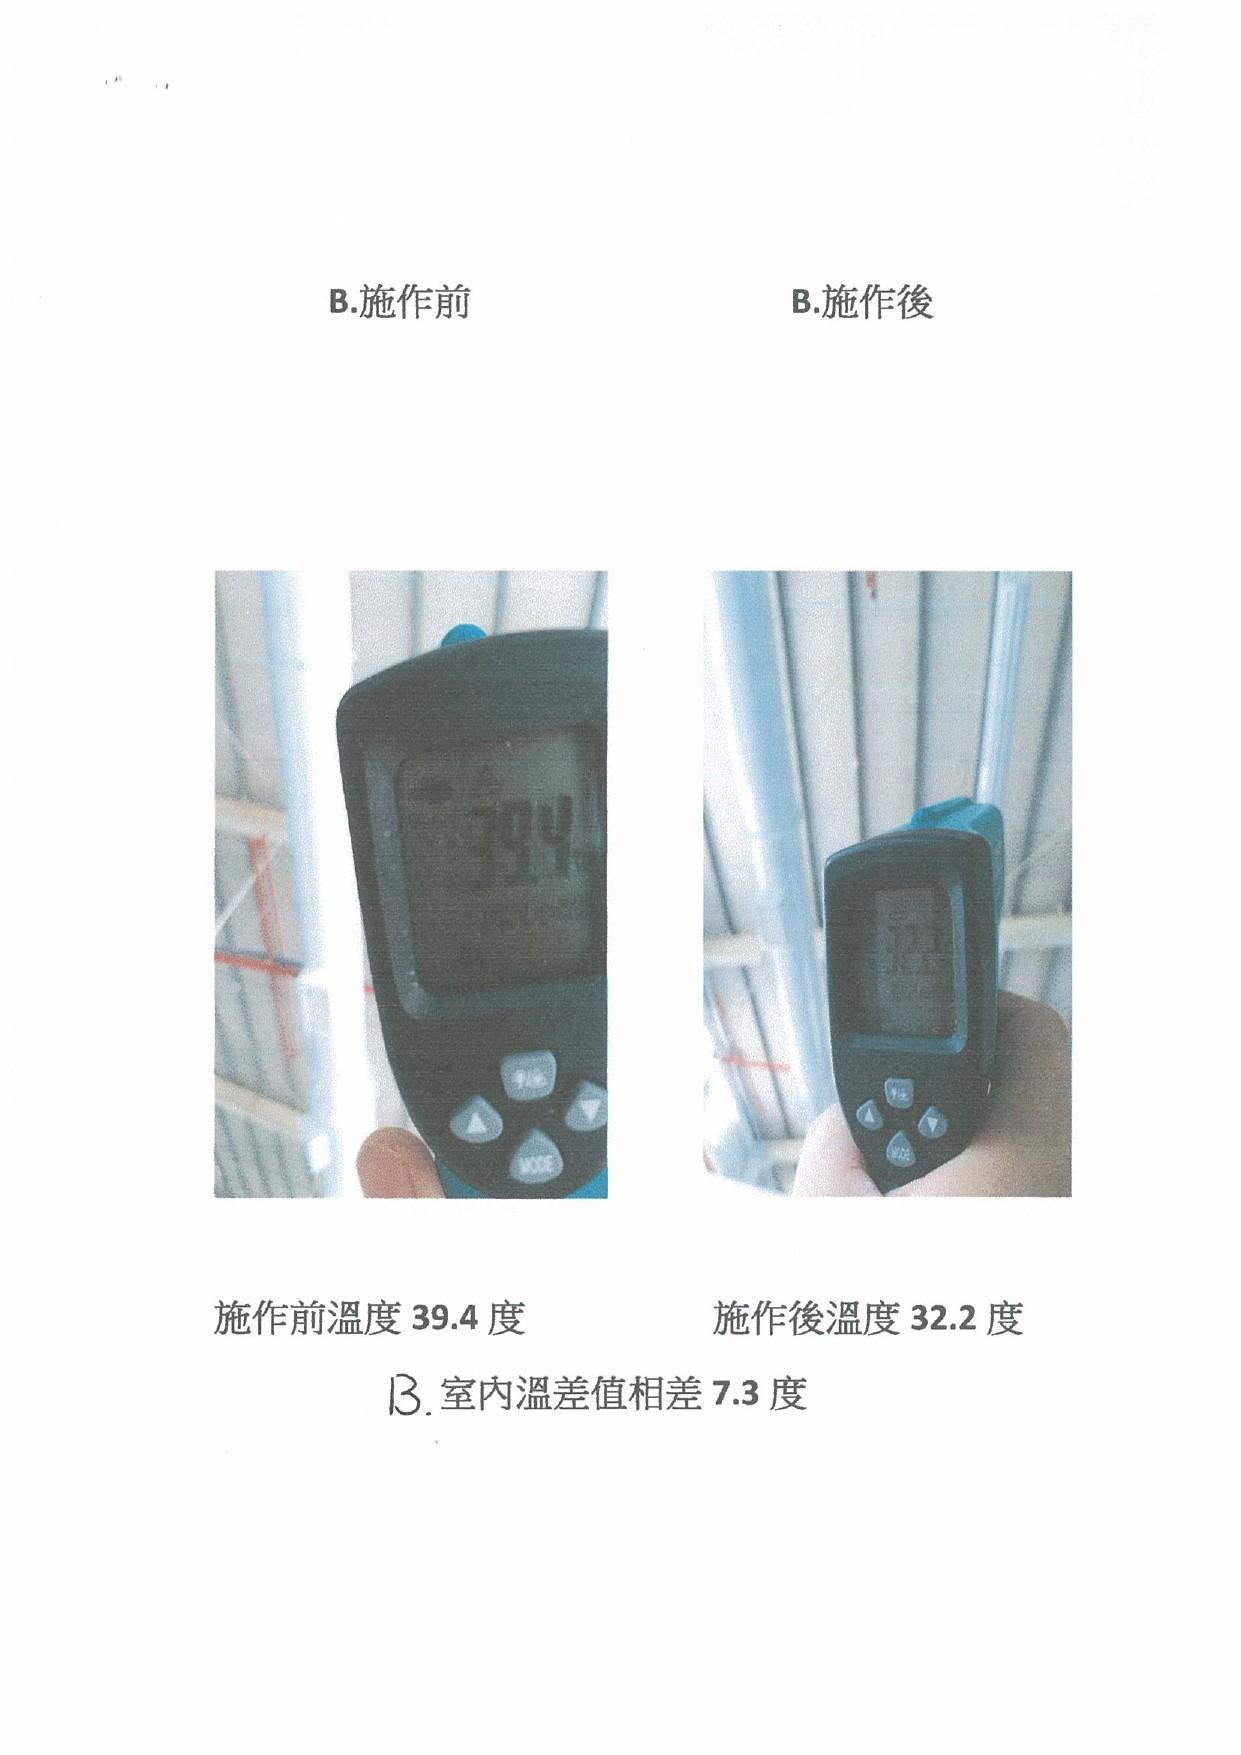 20170510台中芋樂世界(鐵)-3